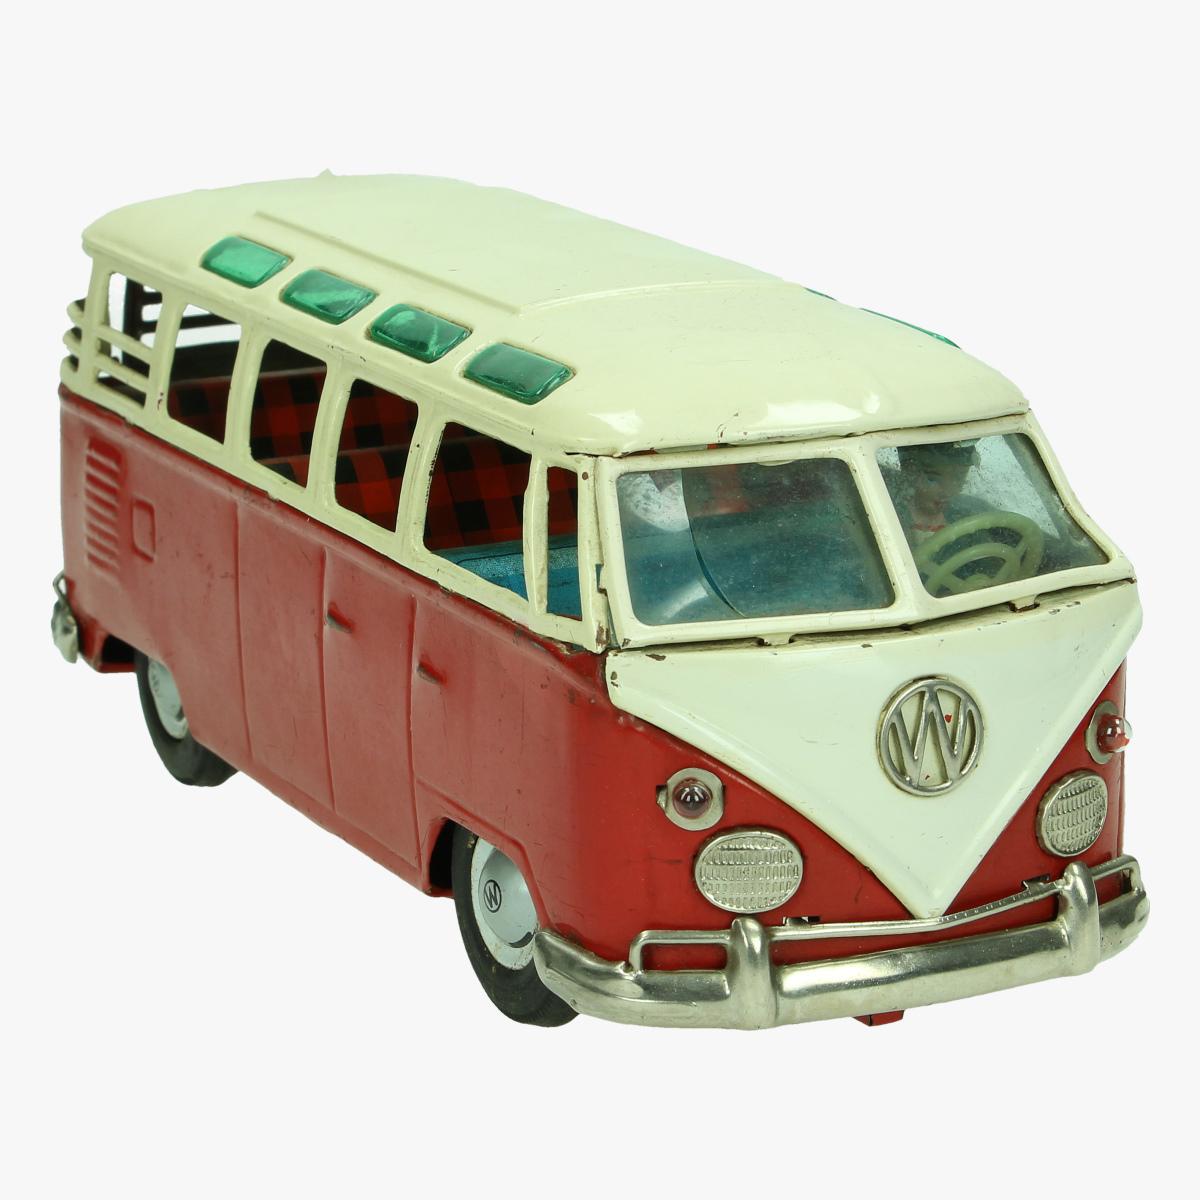 Afbeeldingen van busje volkswagen made in japan